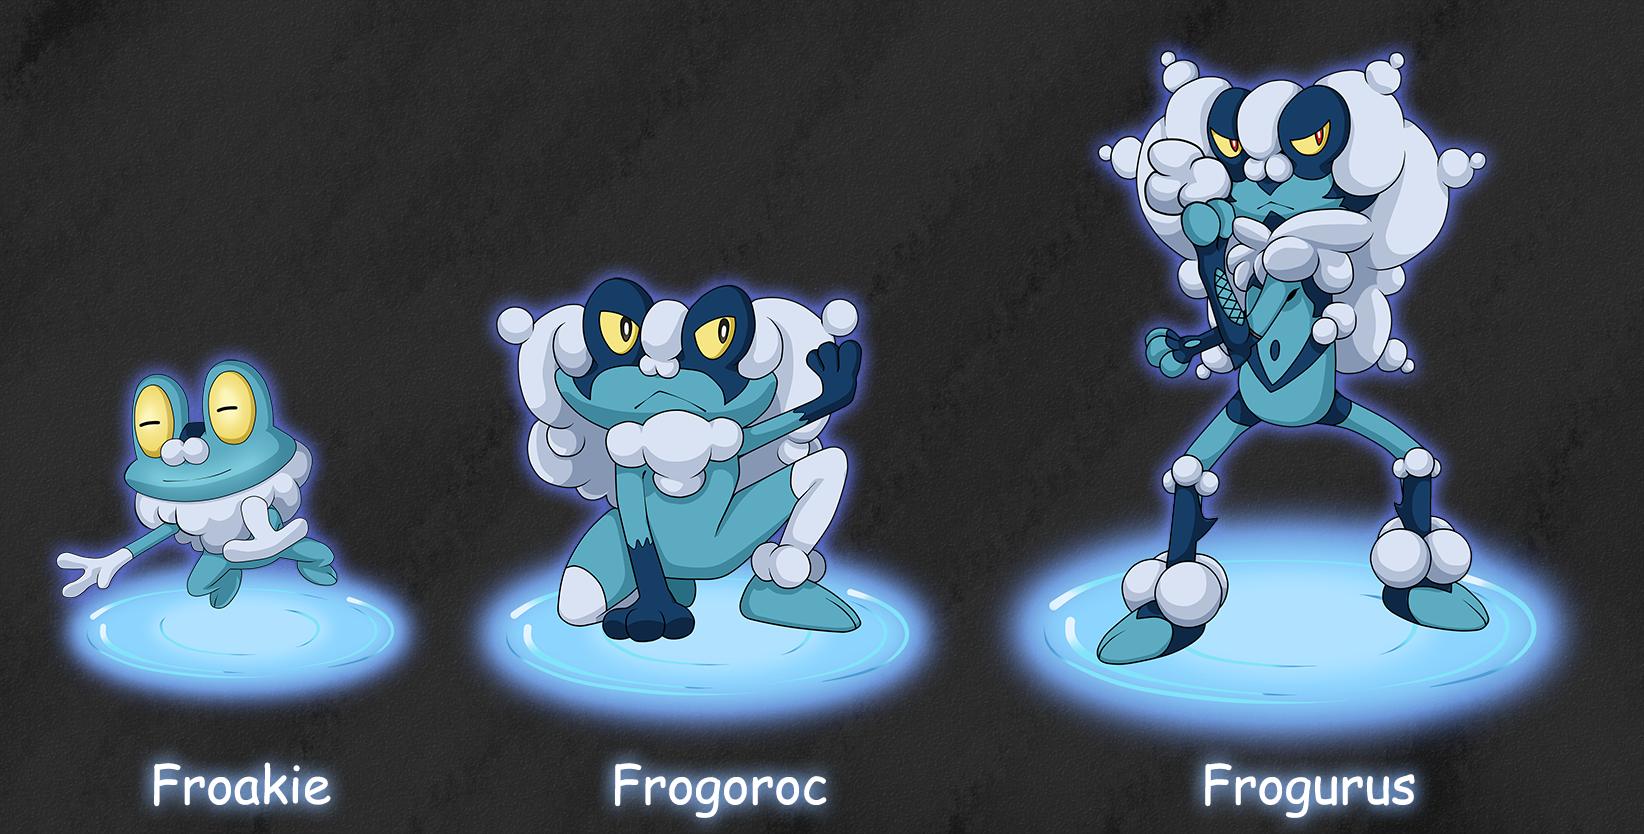 Froakie's Evolutions by Deko-kun on DeviantArt